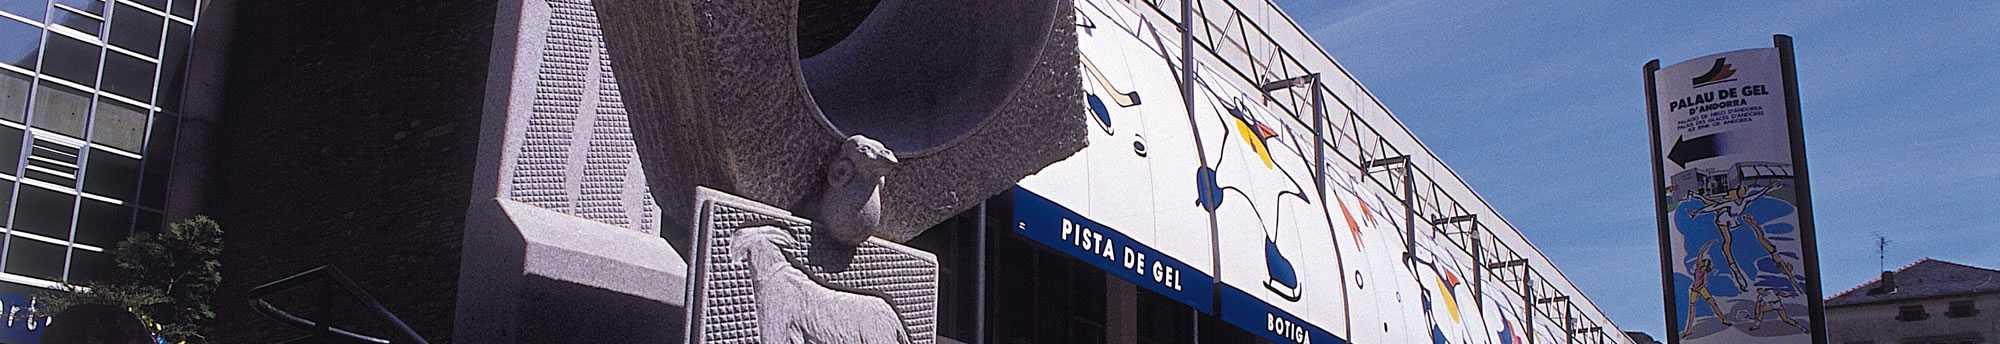 Billets d'entrée Palau De Gel - Andorre